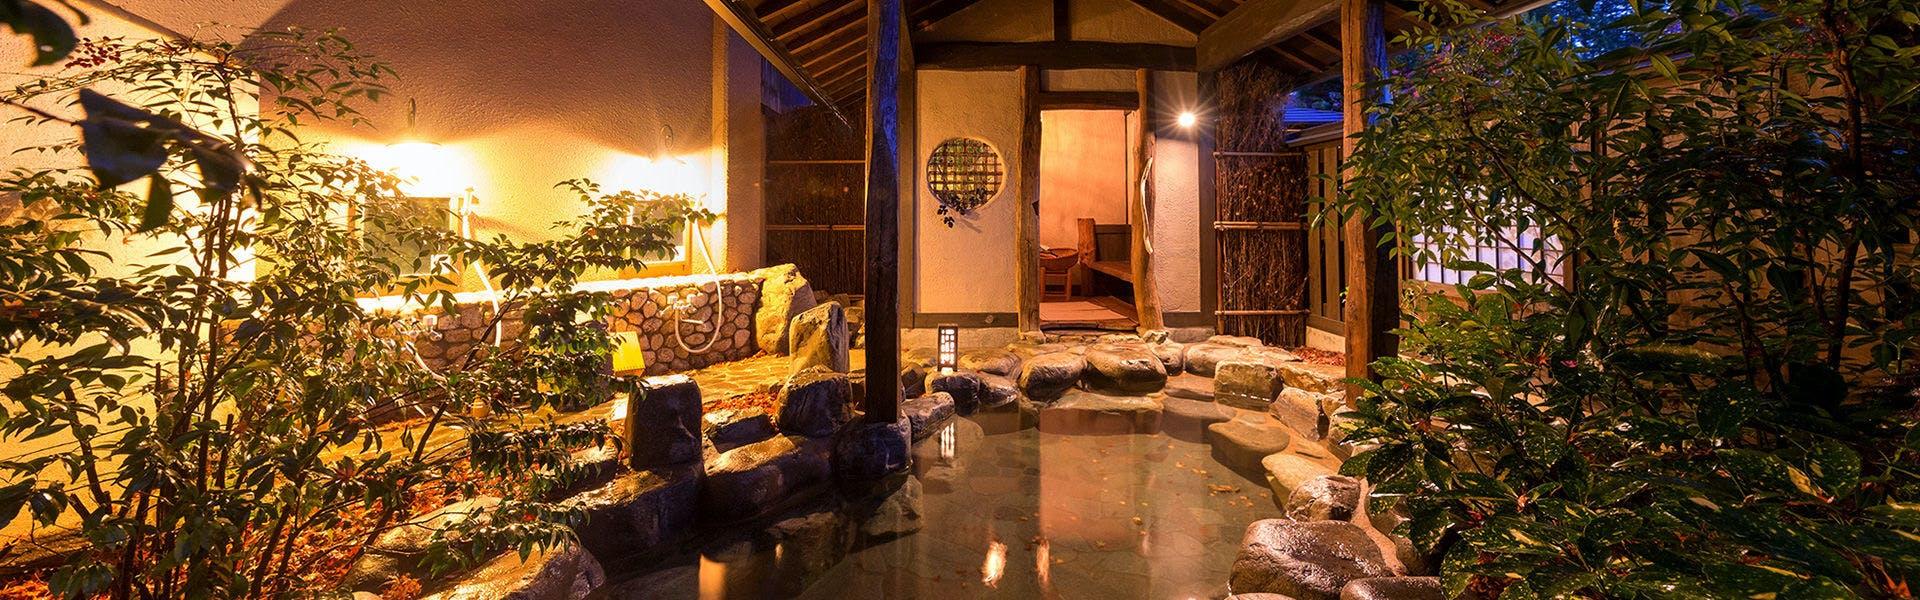 記念日におすすめのホテル・下呂温泉 こころをなでる静寂 みやこの写真2